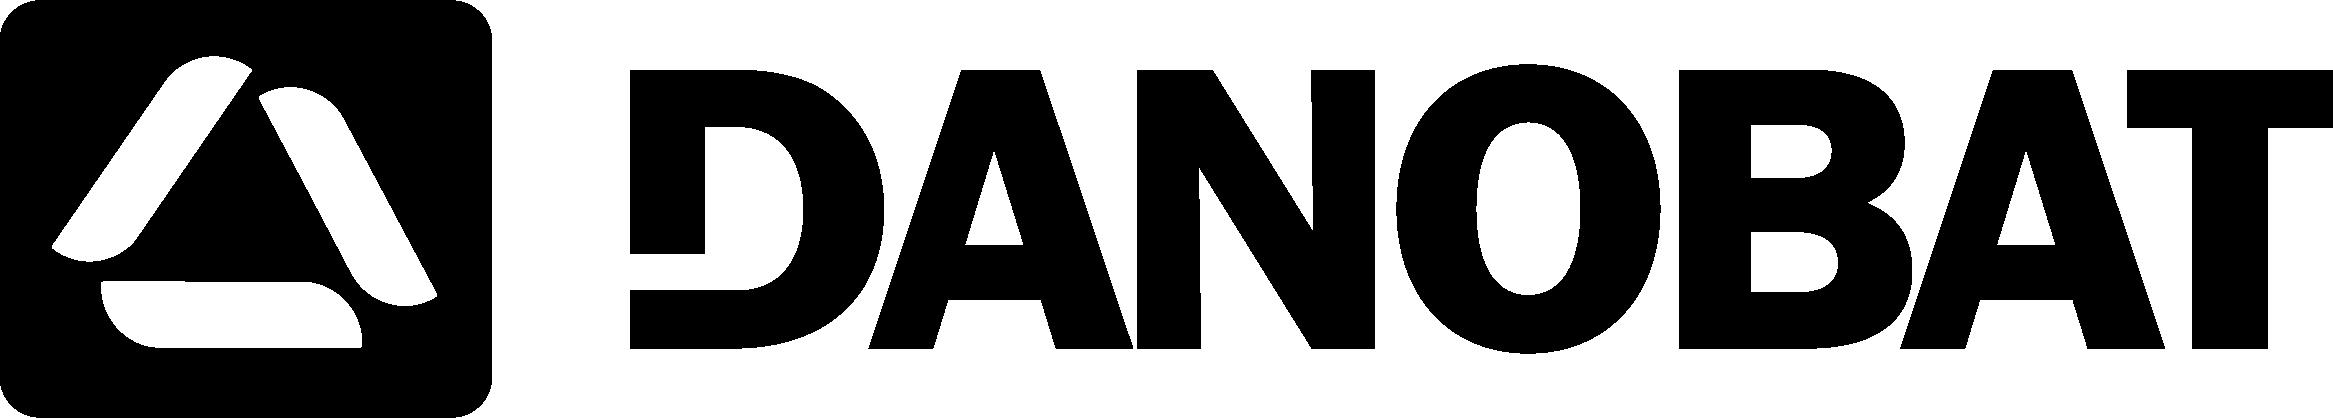 Черно-белый логотип DANOBAT